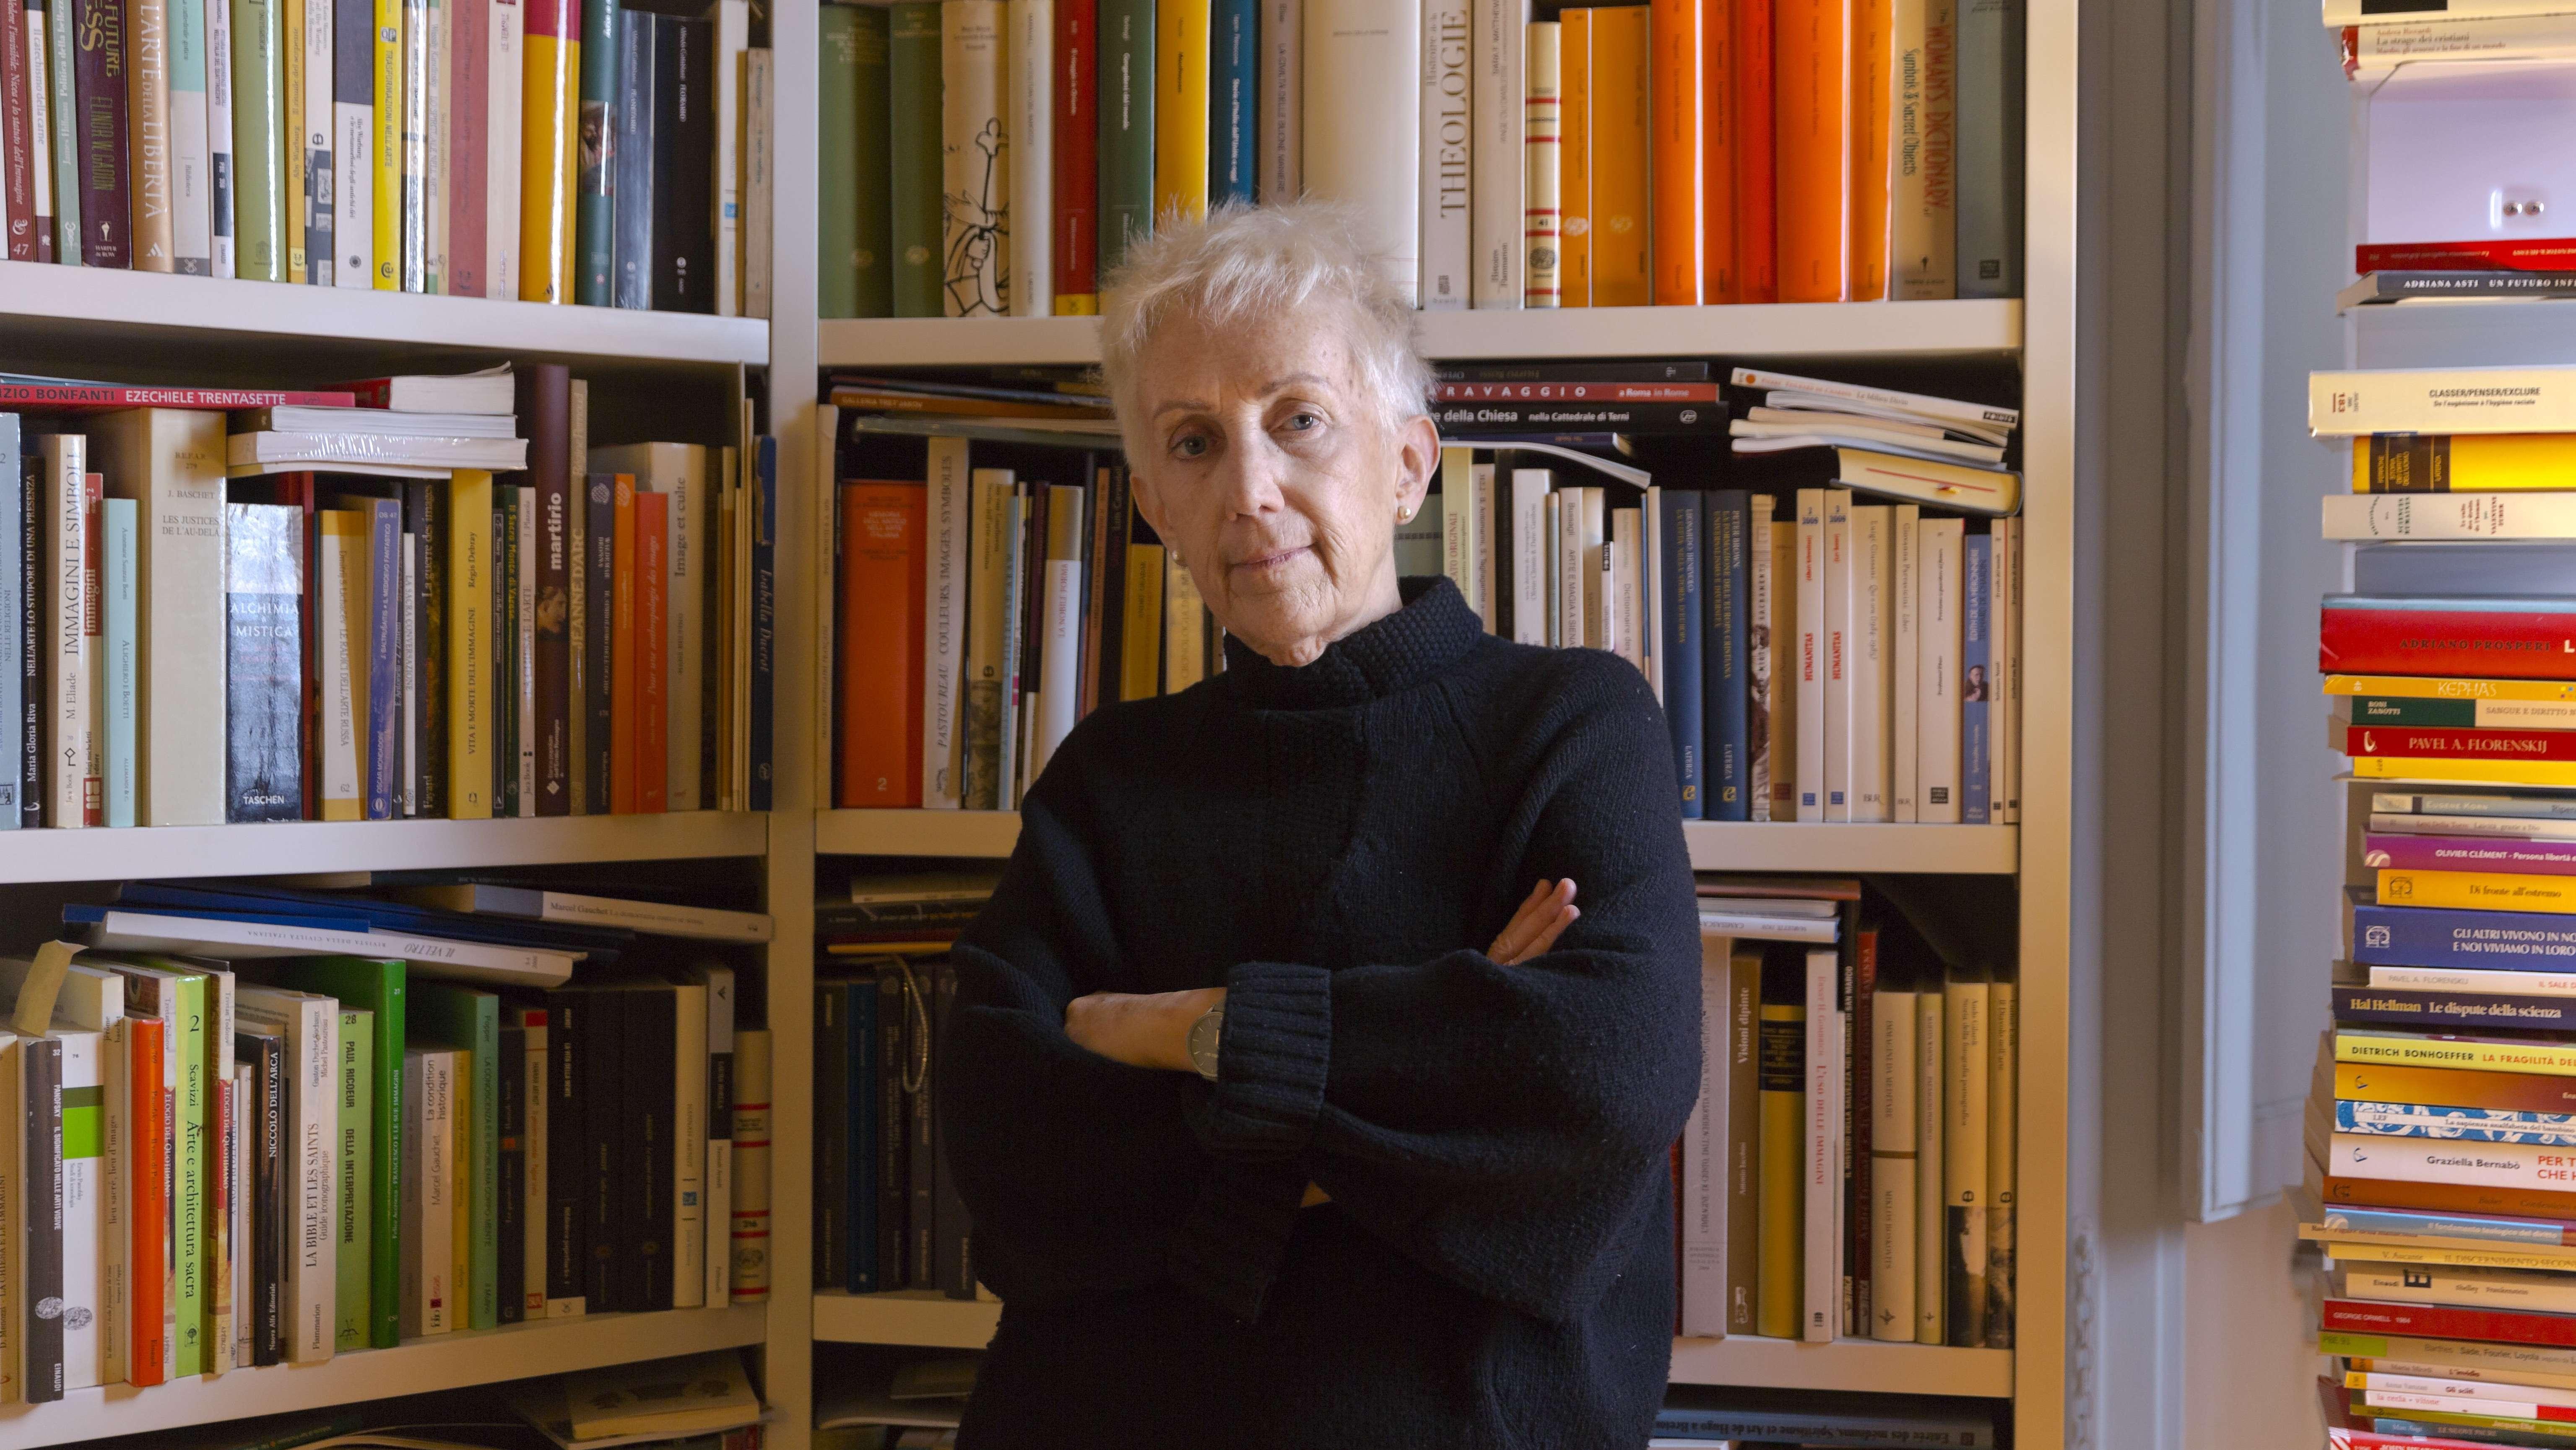 """Lucetta Scaraffia, Gründerin und Herausgeberin der vatikanischen Frauenzeitschrift """"Donne Chiesa Mondo"""", steht mit verschränkten Armen vor ihrem Bücherregal."""